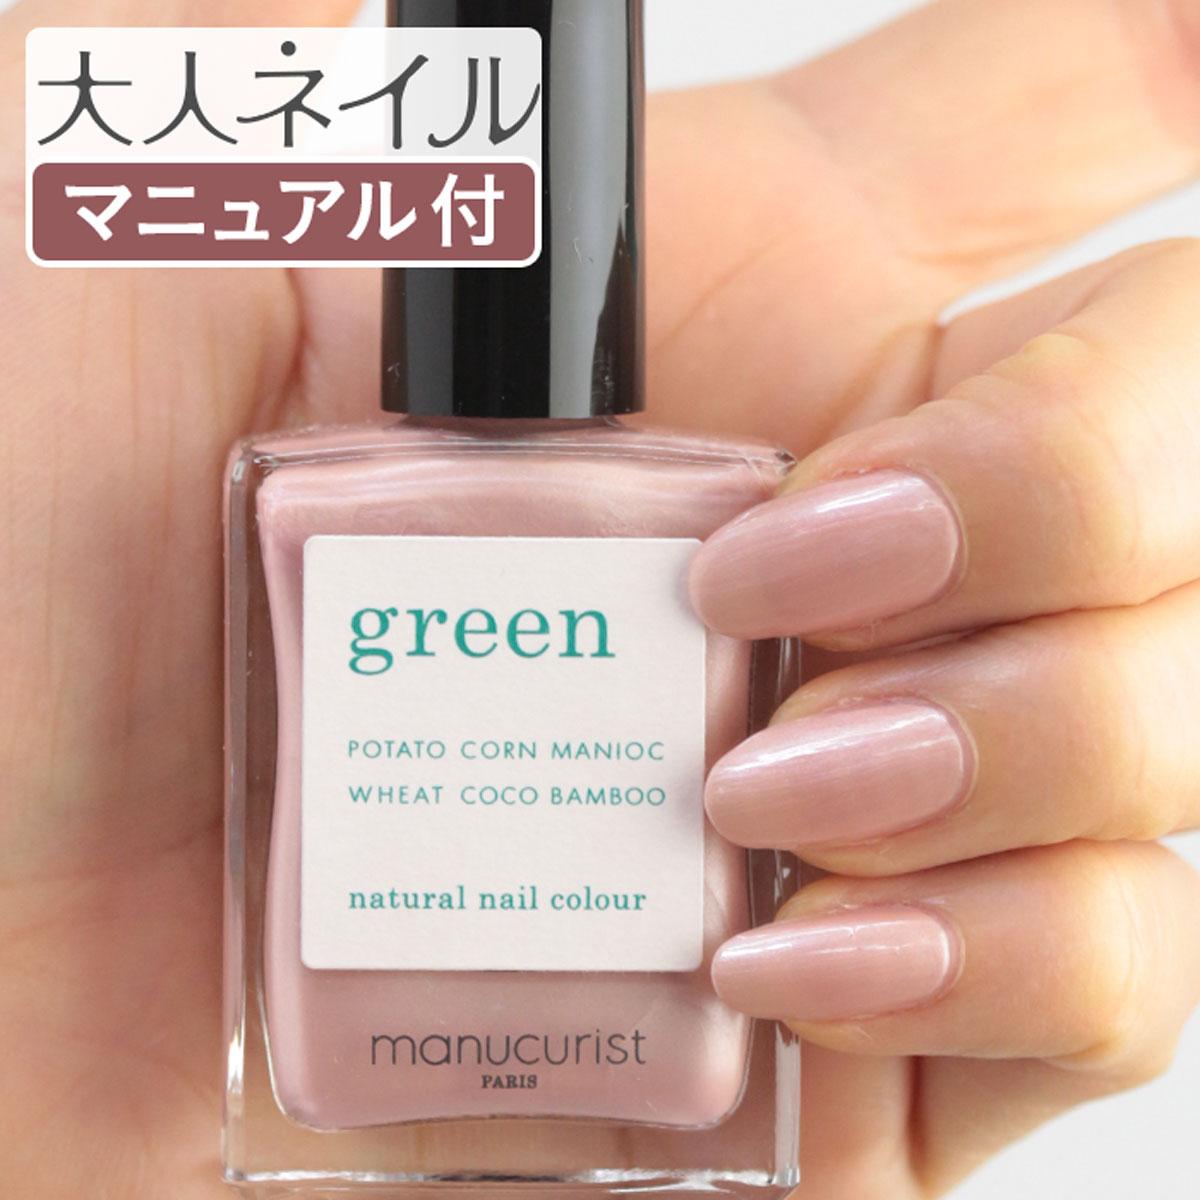 green グリーン ナチュラルネイルカラー カーネーション 31024 15ml 爪にやさしい マニキュア セルフネイル パール ピンク ベージュ ママネイル